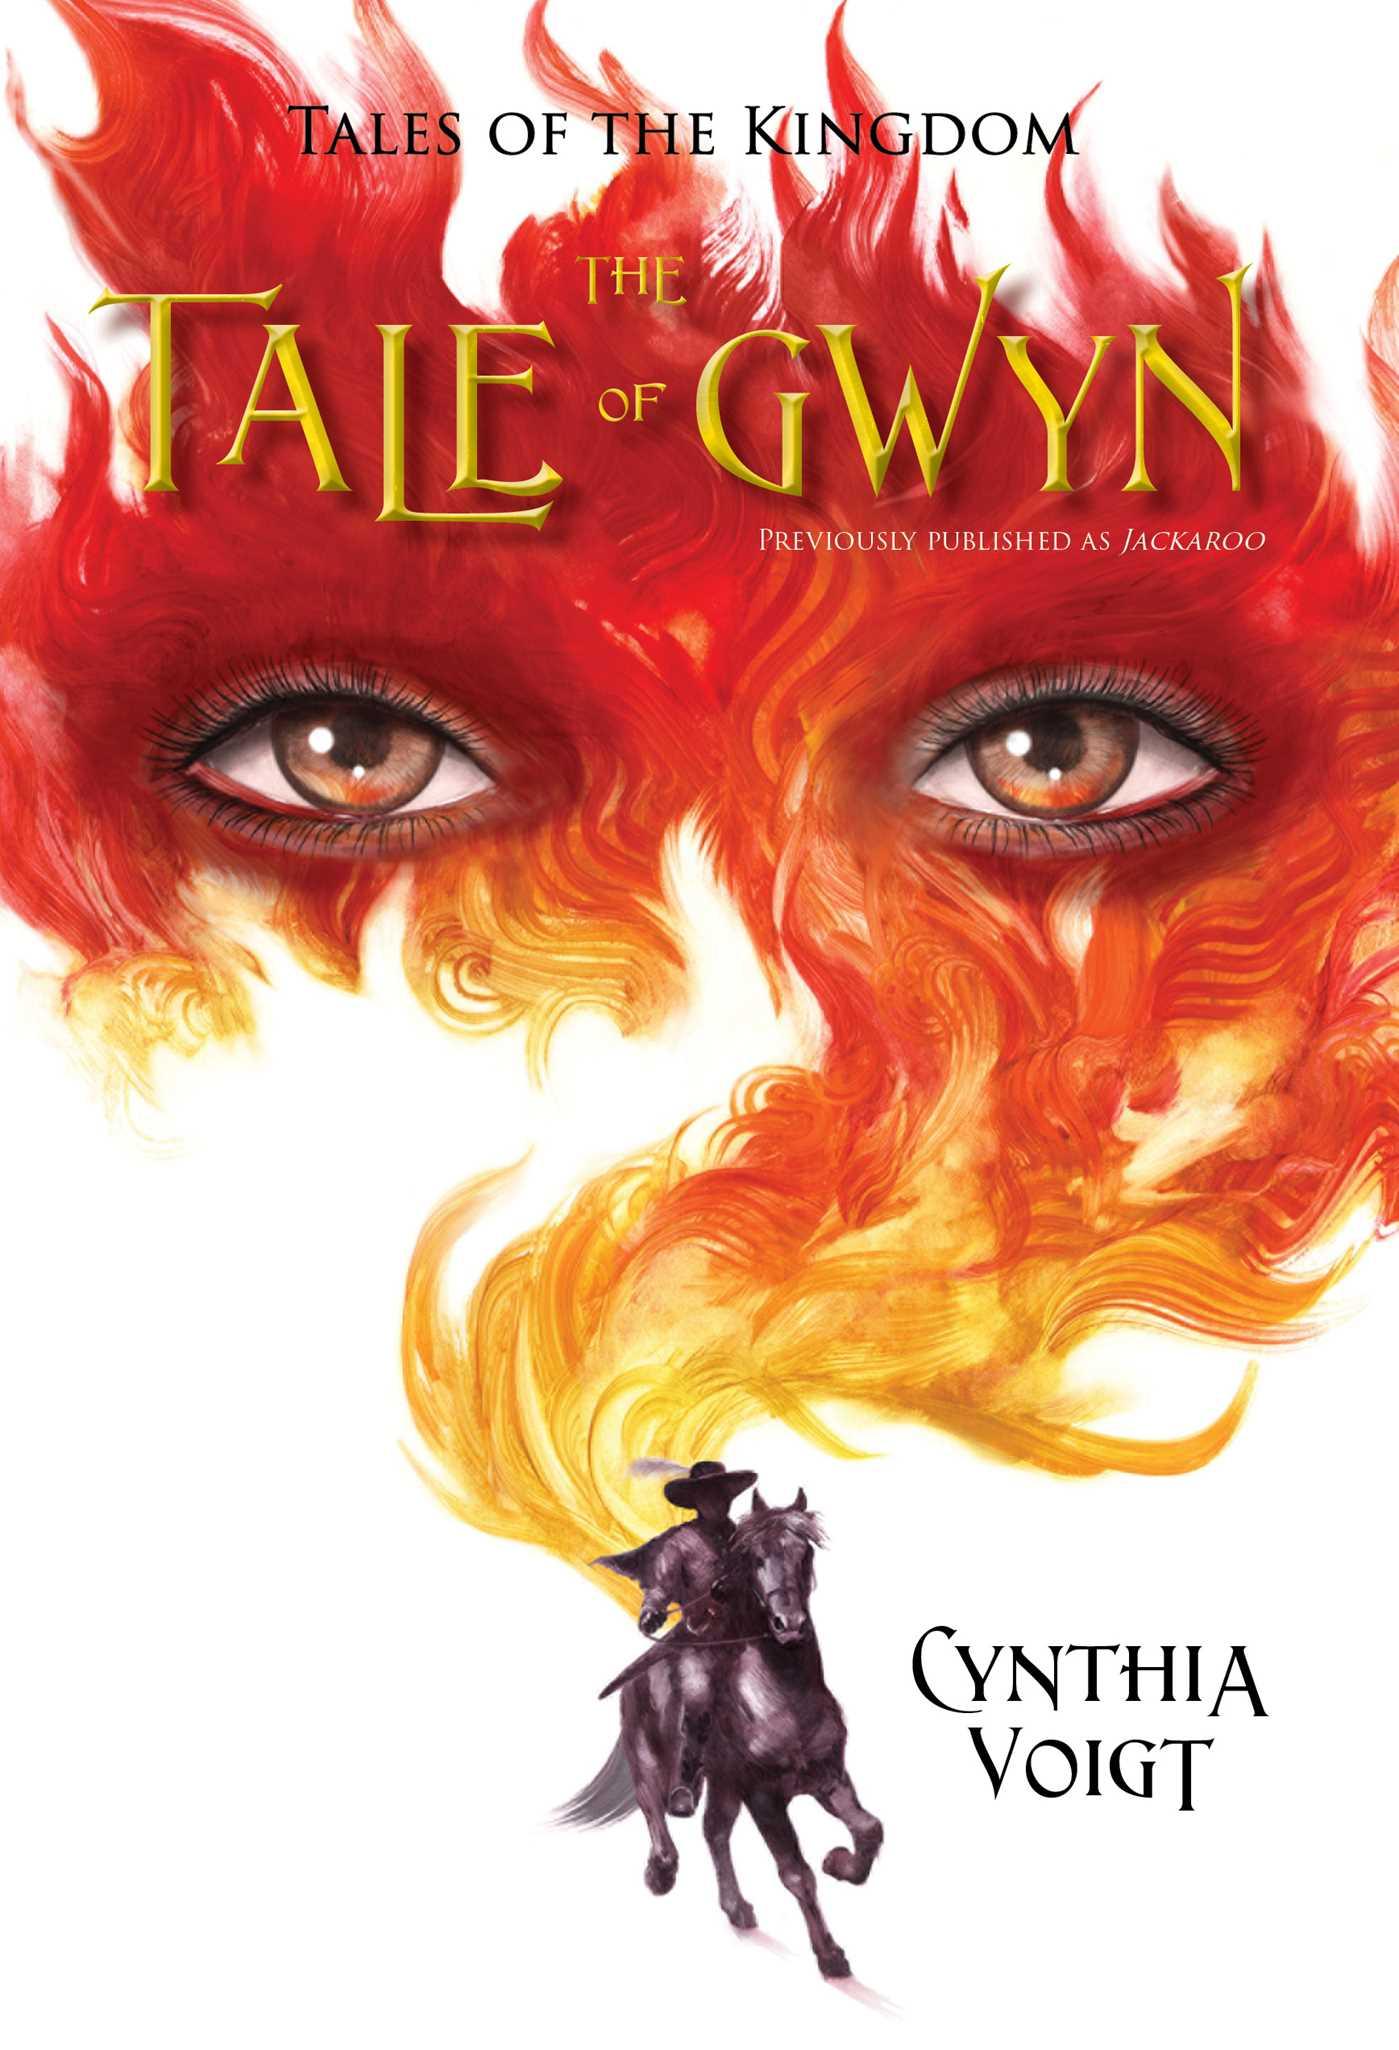 The tale of gwyn 9781481421799 hr